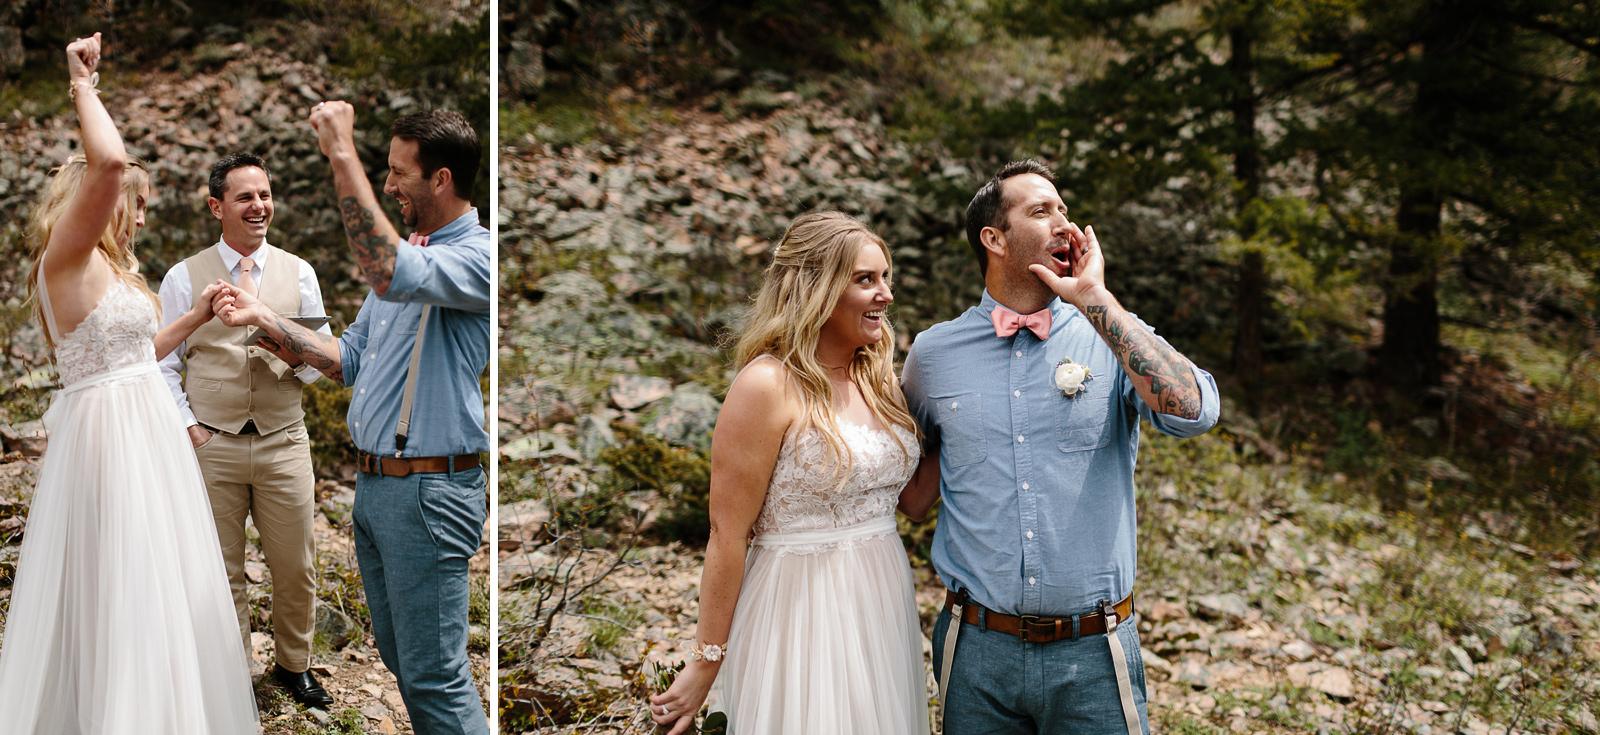 035-vail-elopement-photographer-chris-and-tara.jpg